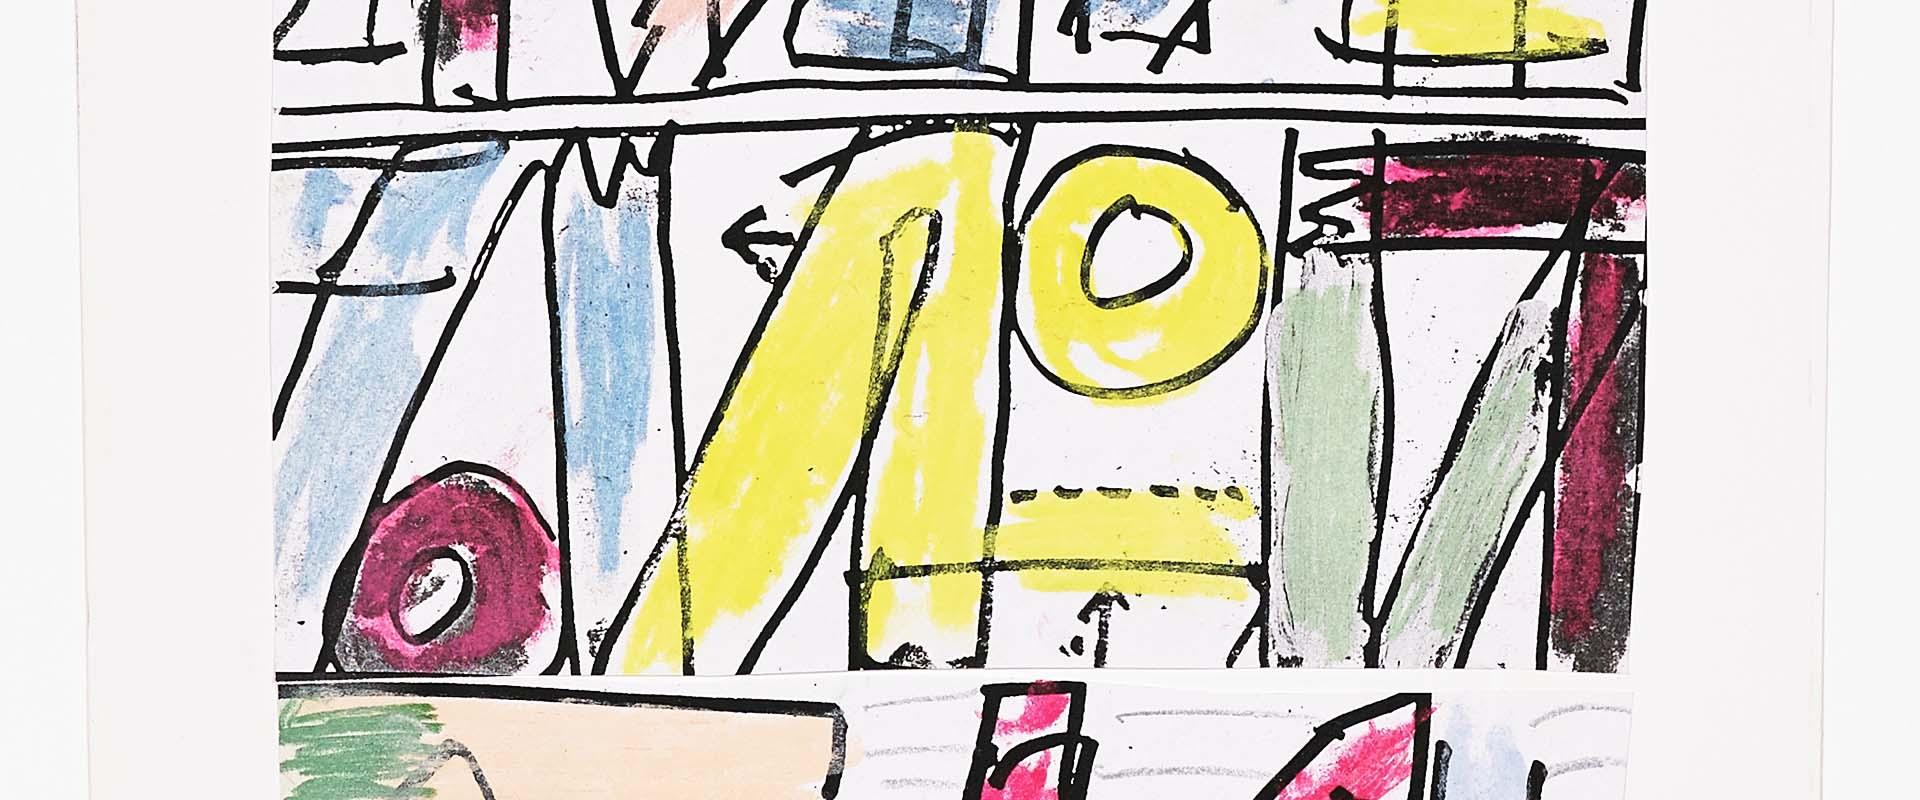 kunstslide1